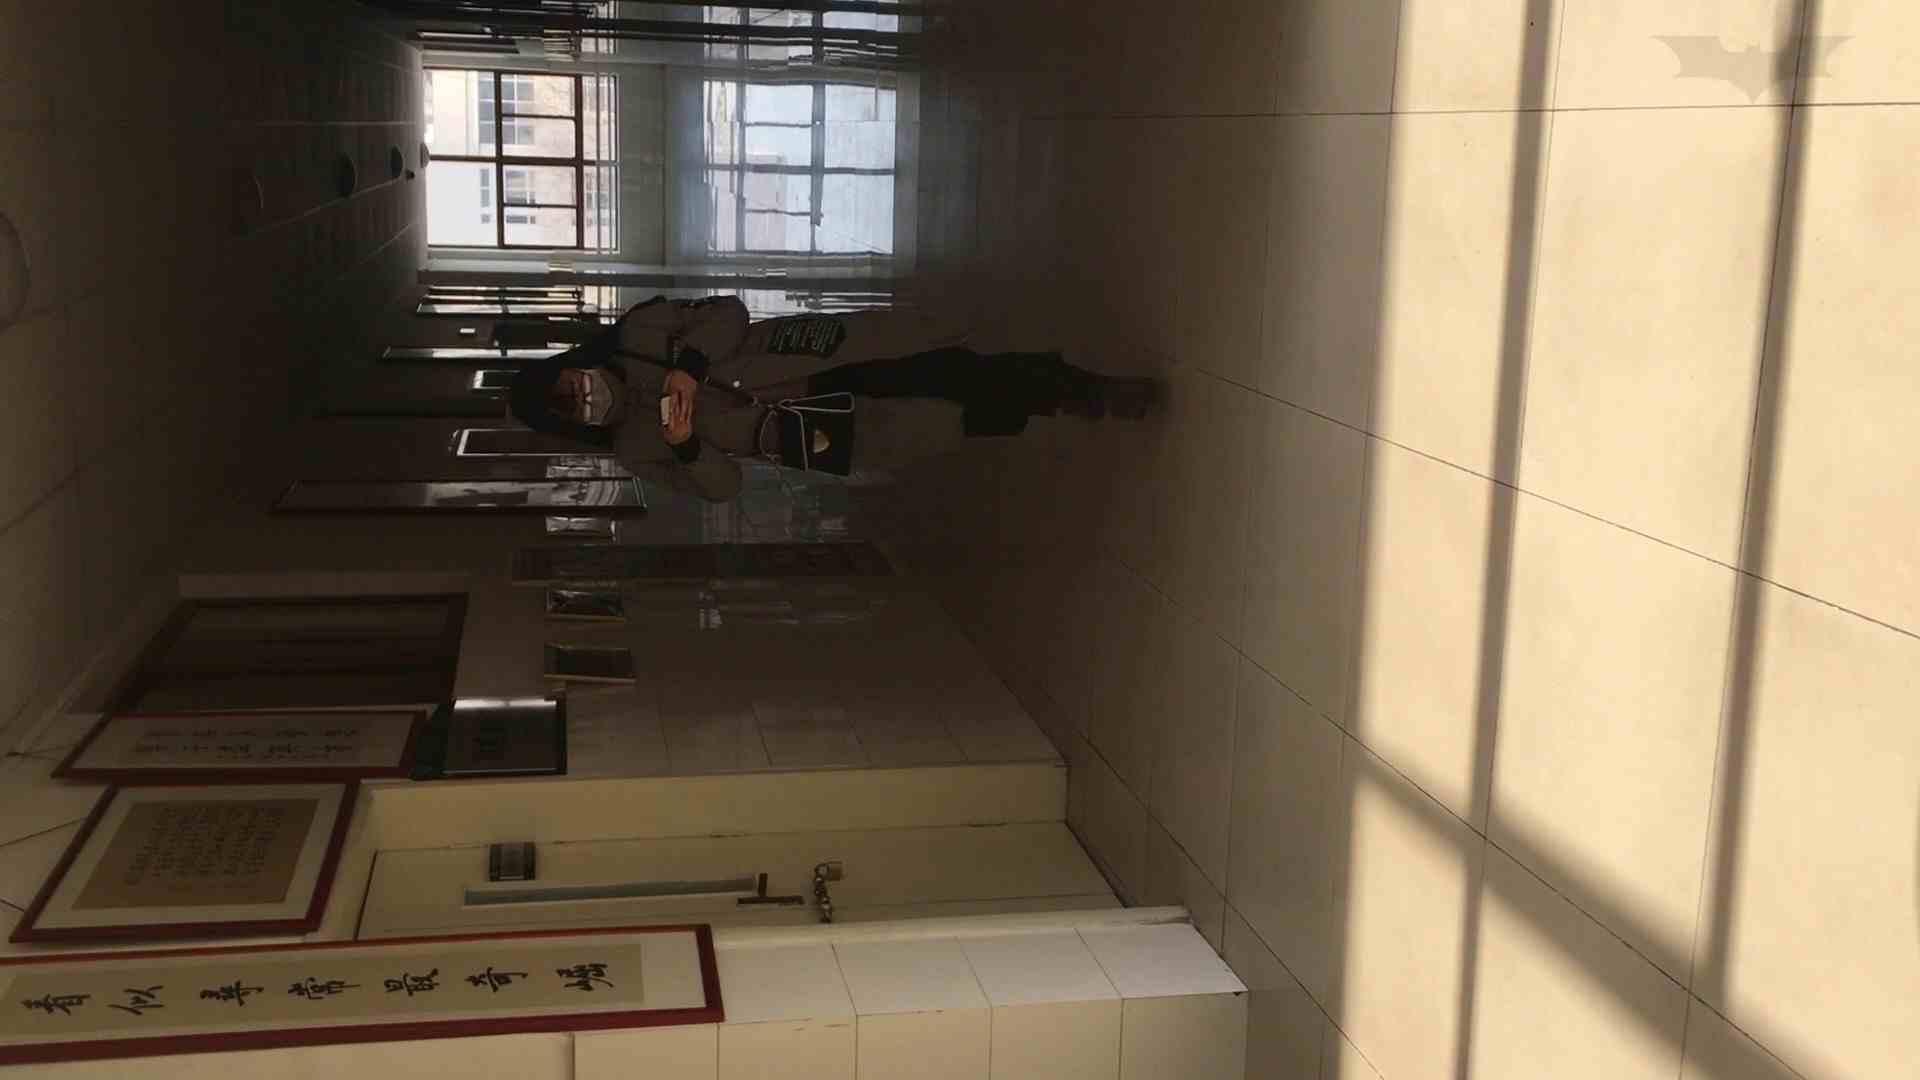 芸術大学ガチ潜入盗撮 JD盗撮 美女の洗面所の秘密 Vol.88 ギャル達 スケベ動画紹介 83枚 68